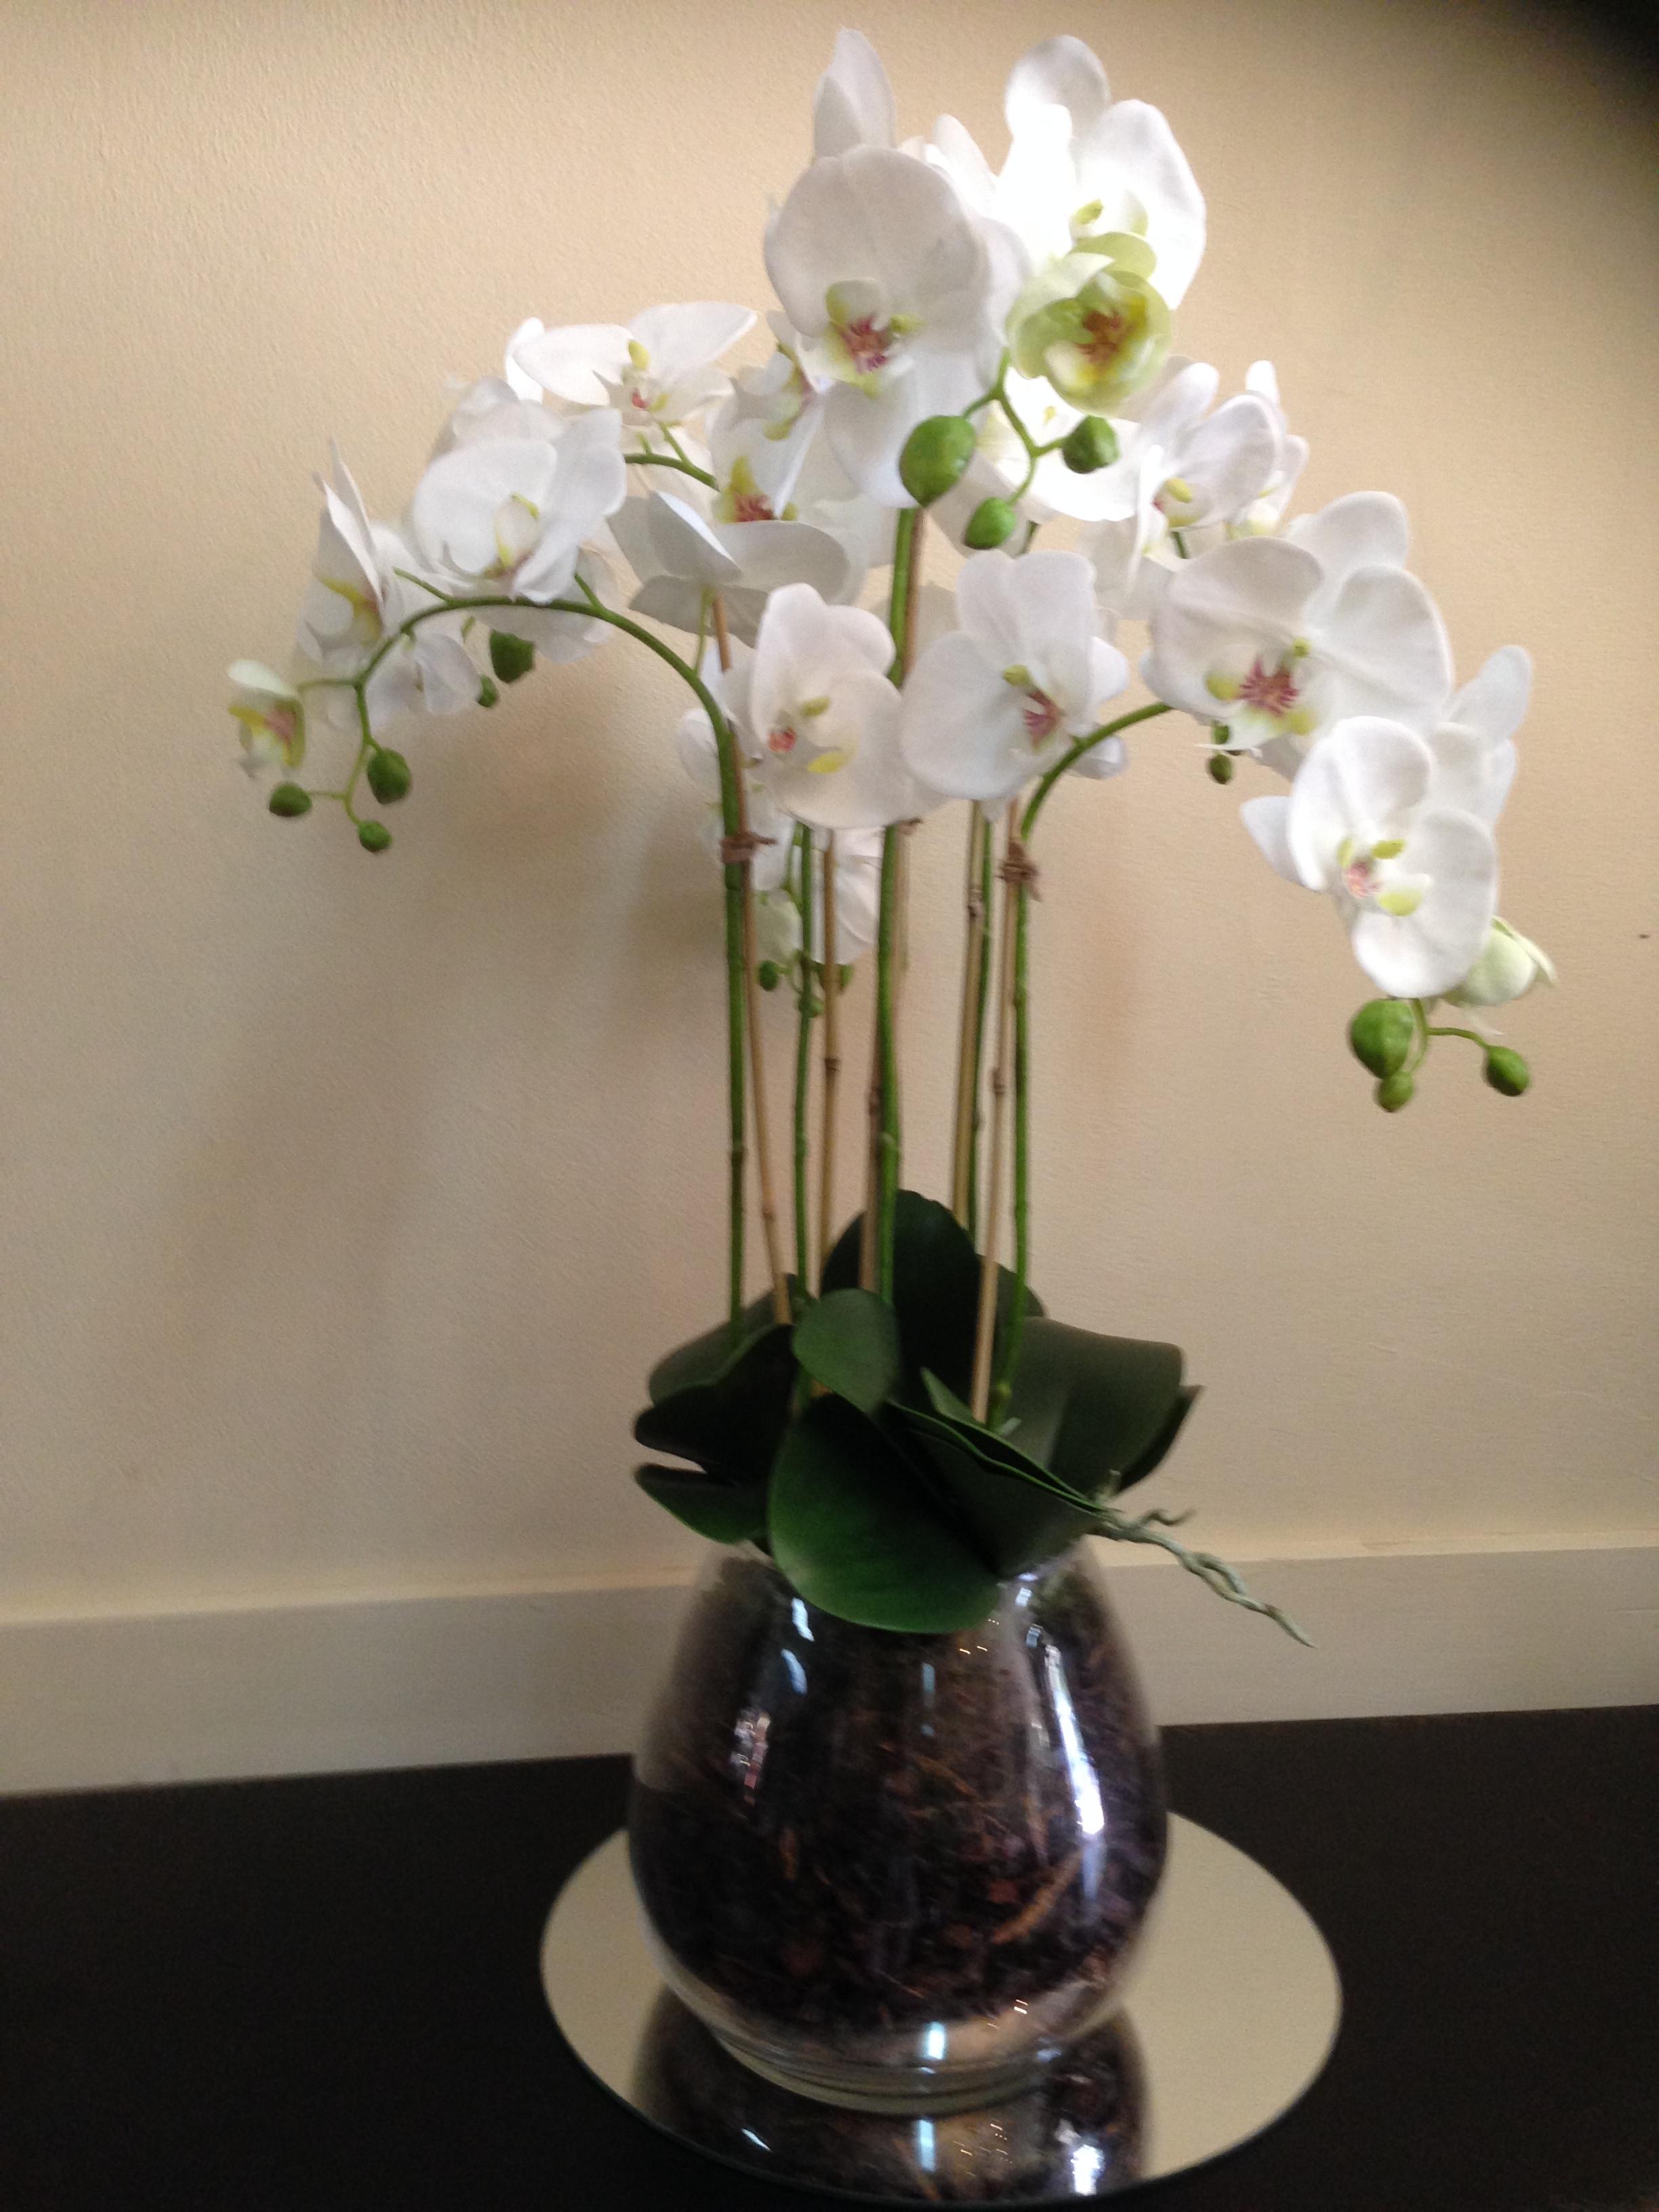 La Fleur Flower Boutique Florists 350 Banna Ave Griffith